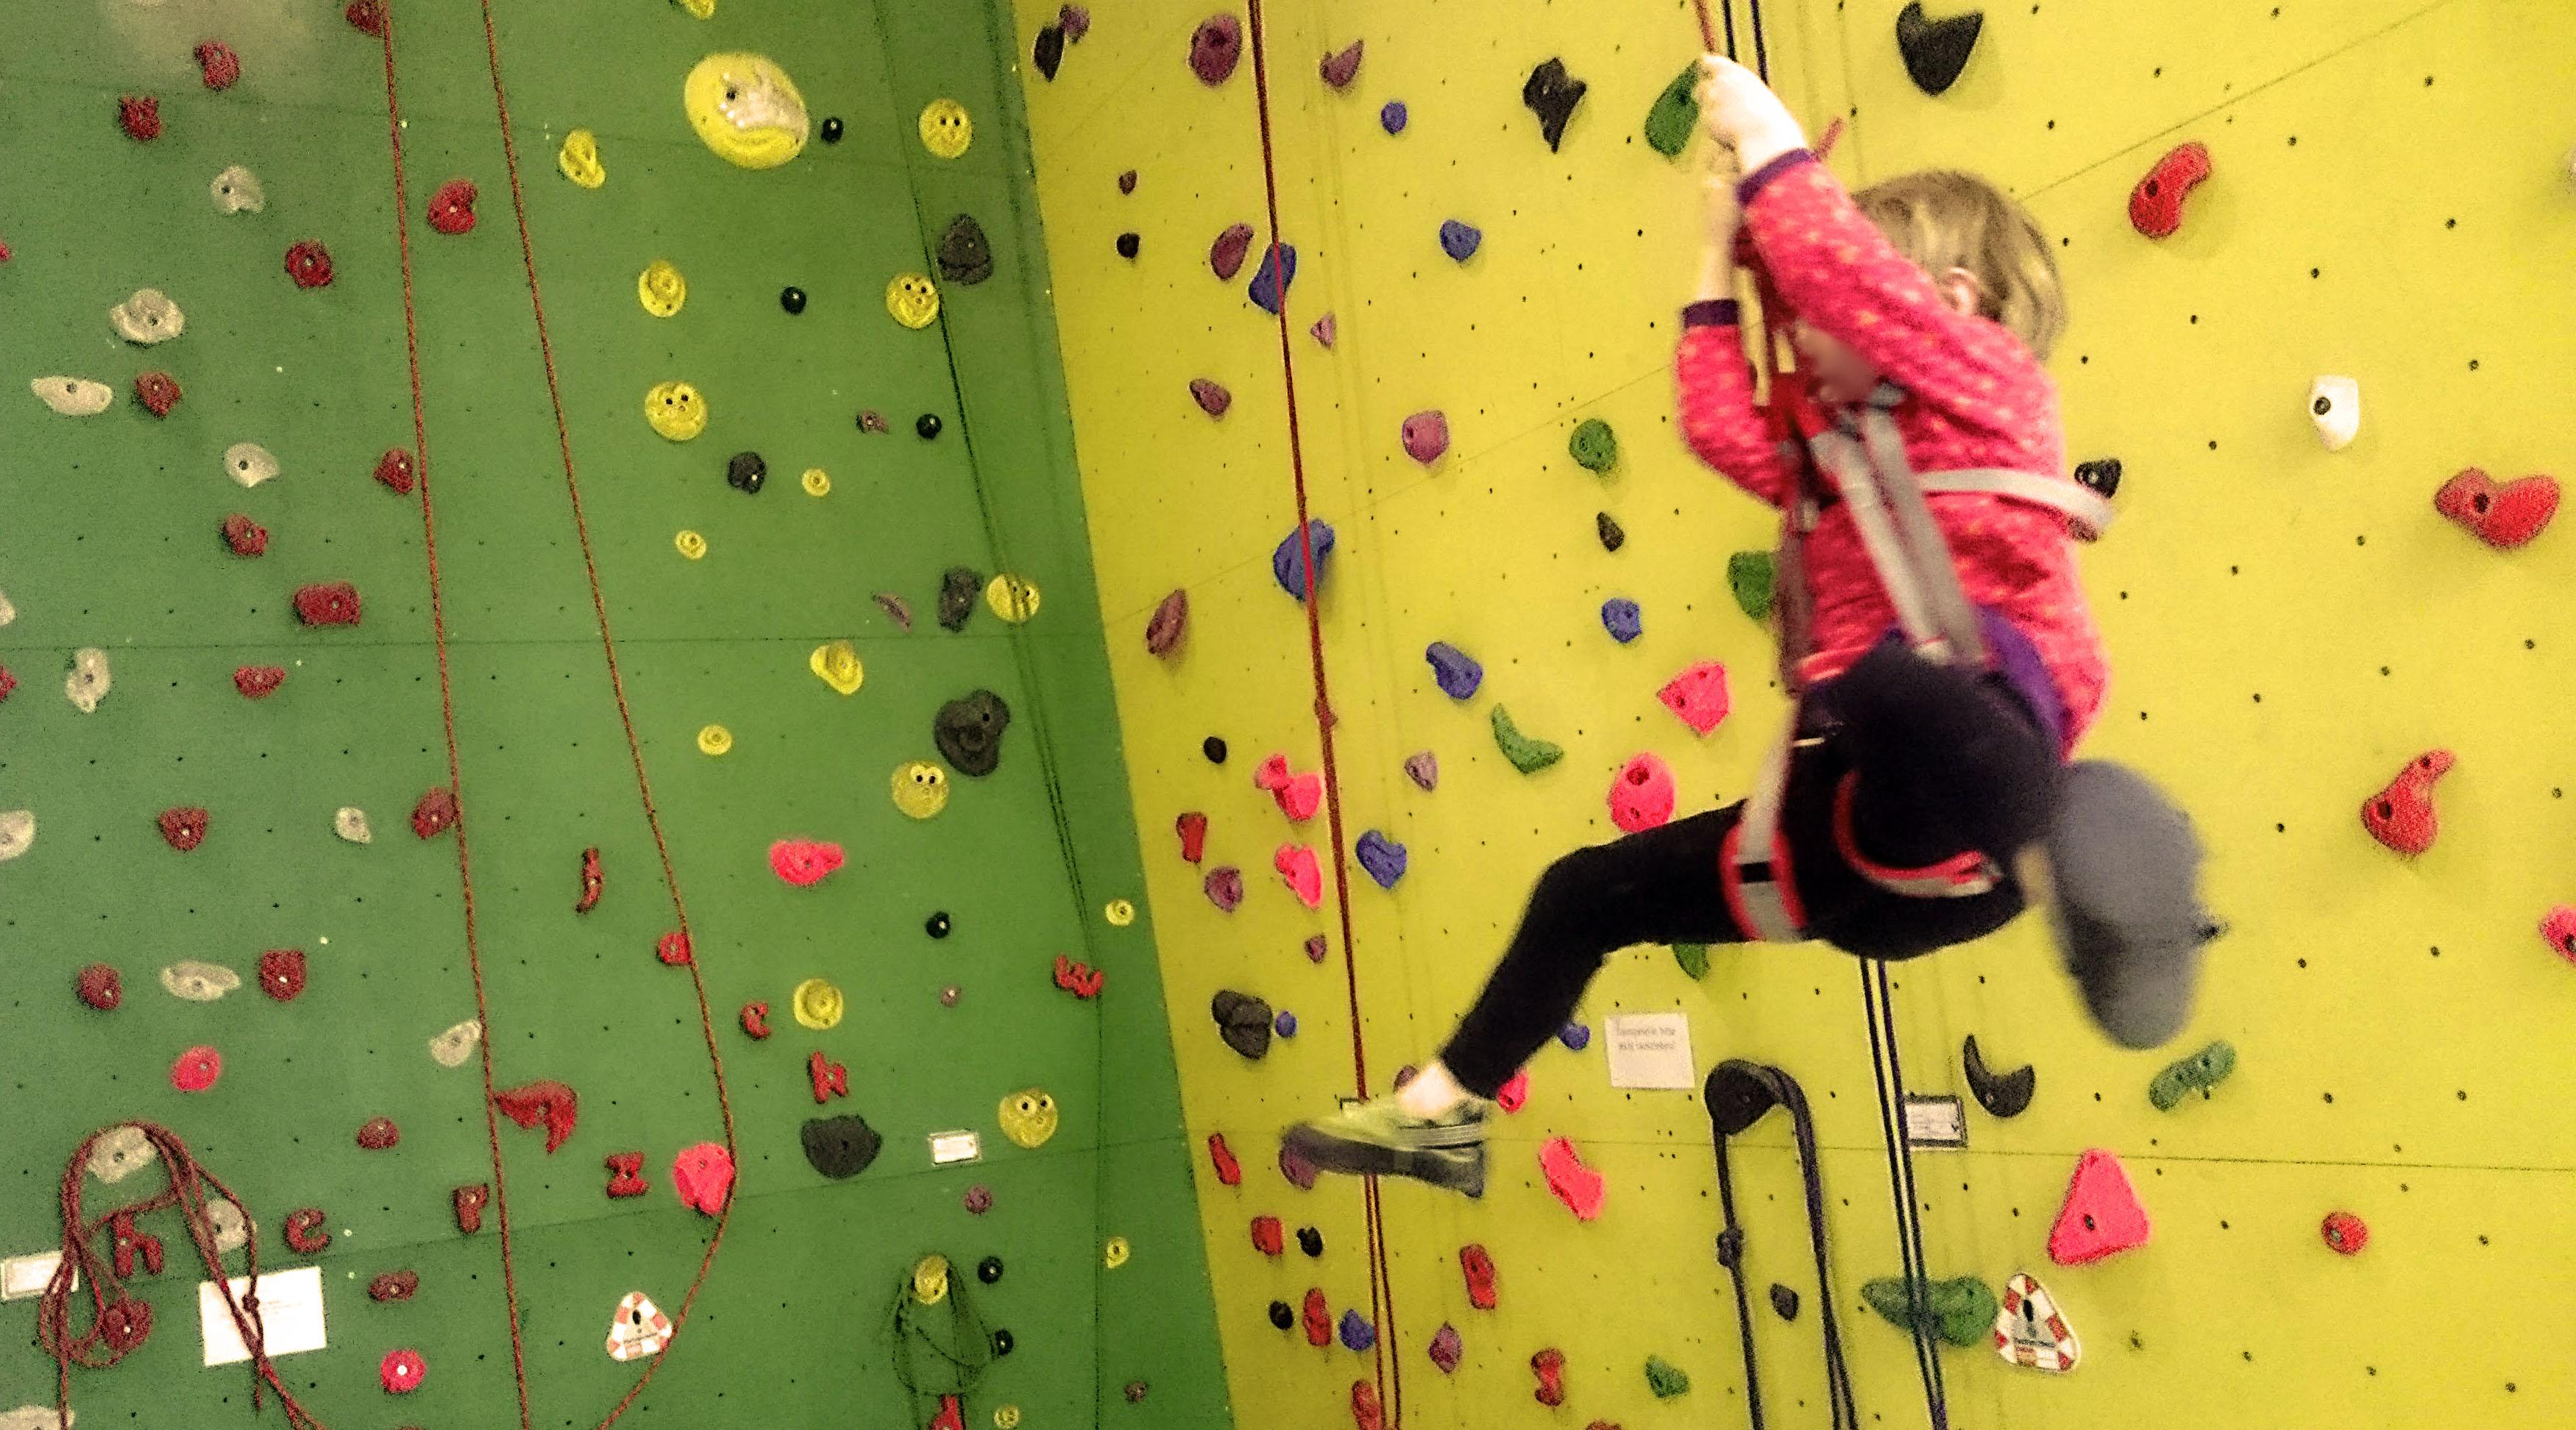 Klettern für Kinder in der Kletterhalle bedeutet auch Schwingen